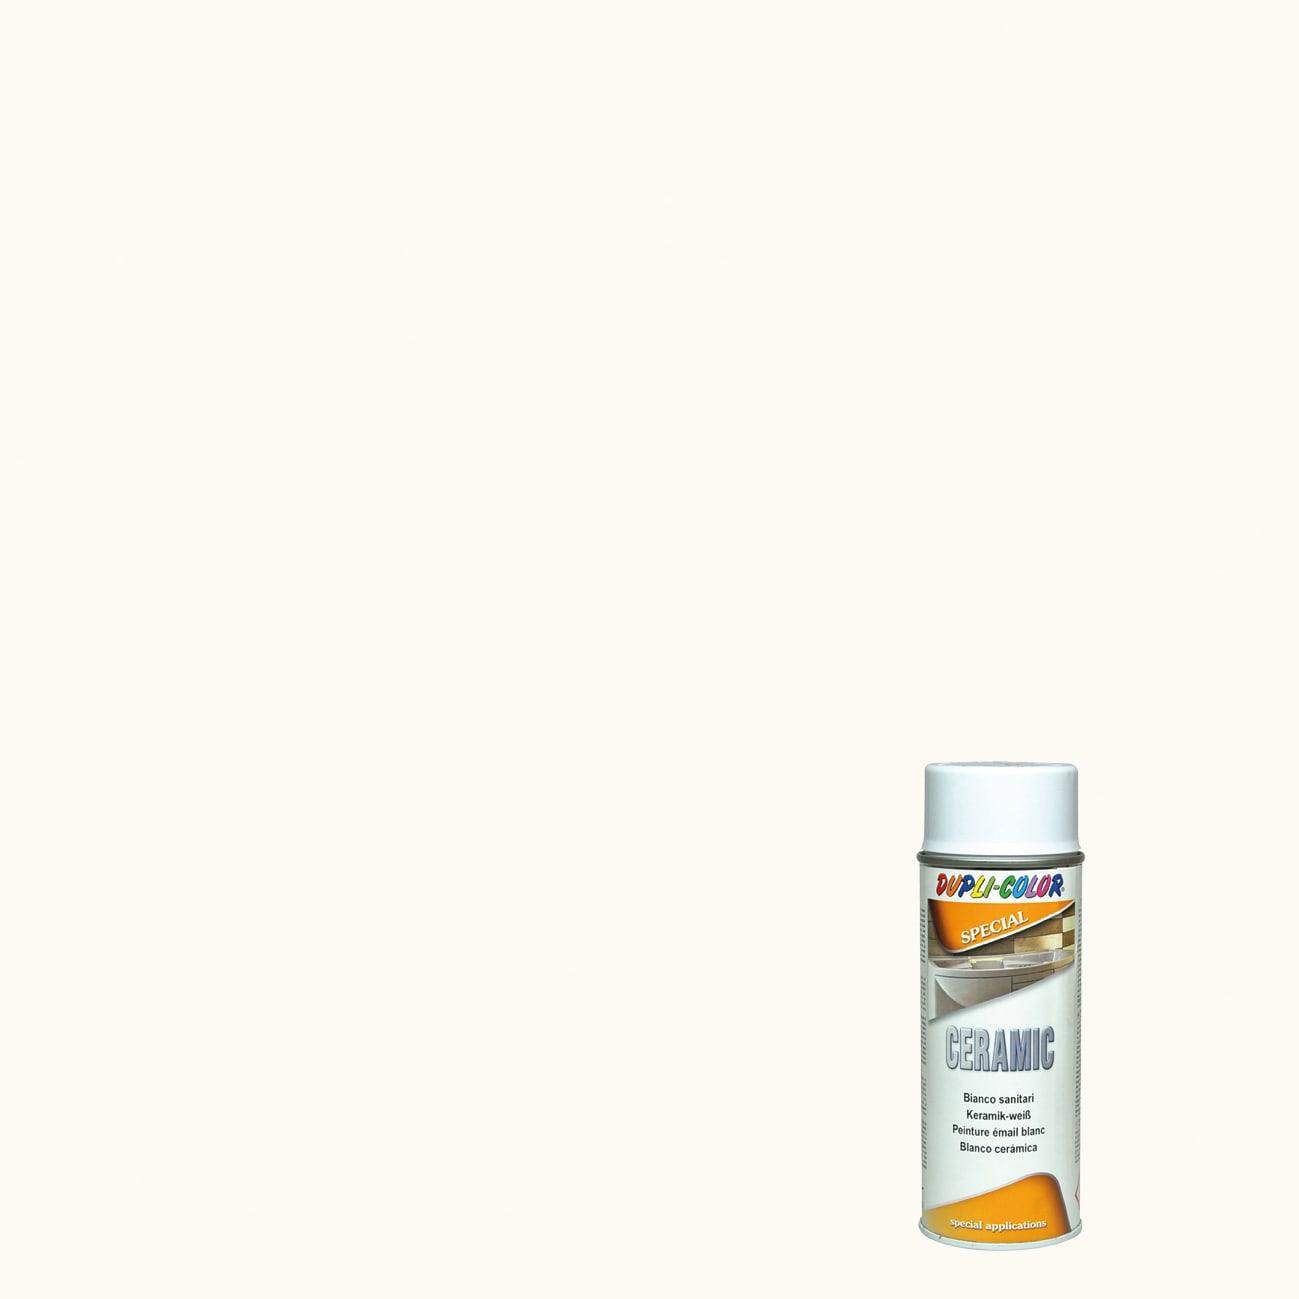 Smalto Per Ceramica E Sanitari.Smalto Spray Ceramic Per Sanitari Bianco Brillante 0 4 L Prezzi E